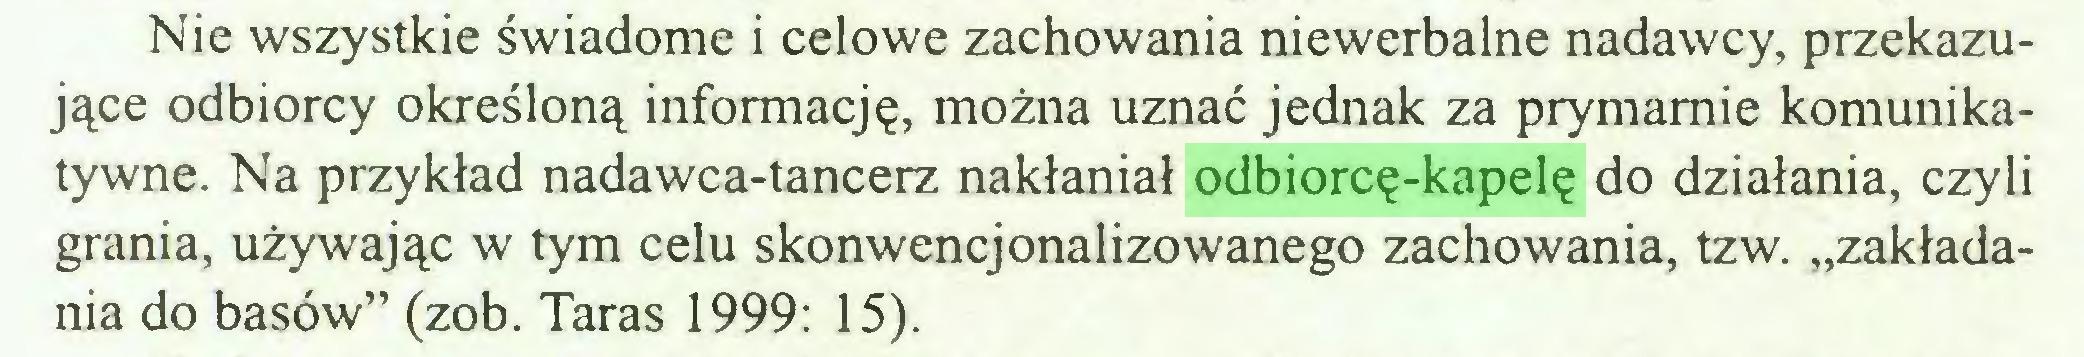 """(...) Nie wszystkie świadome i celowe zachowania niewerbalne nadawcy, przekazujące odbiorcy określoną informację, można uznać jednak za prymamie komunikatywne. Na przykład nadawca-tancerz nakłaniał odbiorcę-kapelę do działania, czyli grania, używając w tym celu skonwencjonalizowanego zachowania, tzw. """"zakładania do basów"""" (zob. Taras 1999: 15)..."""